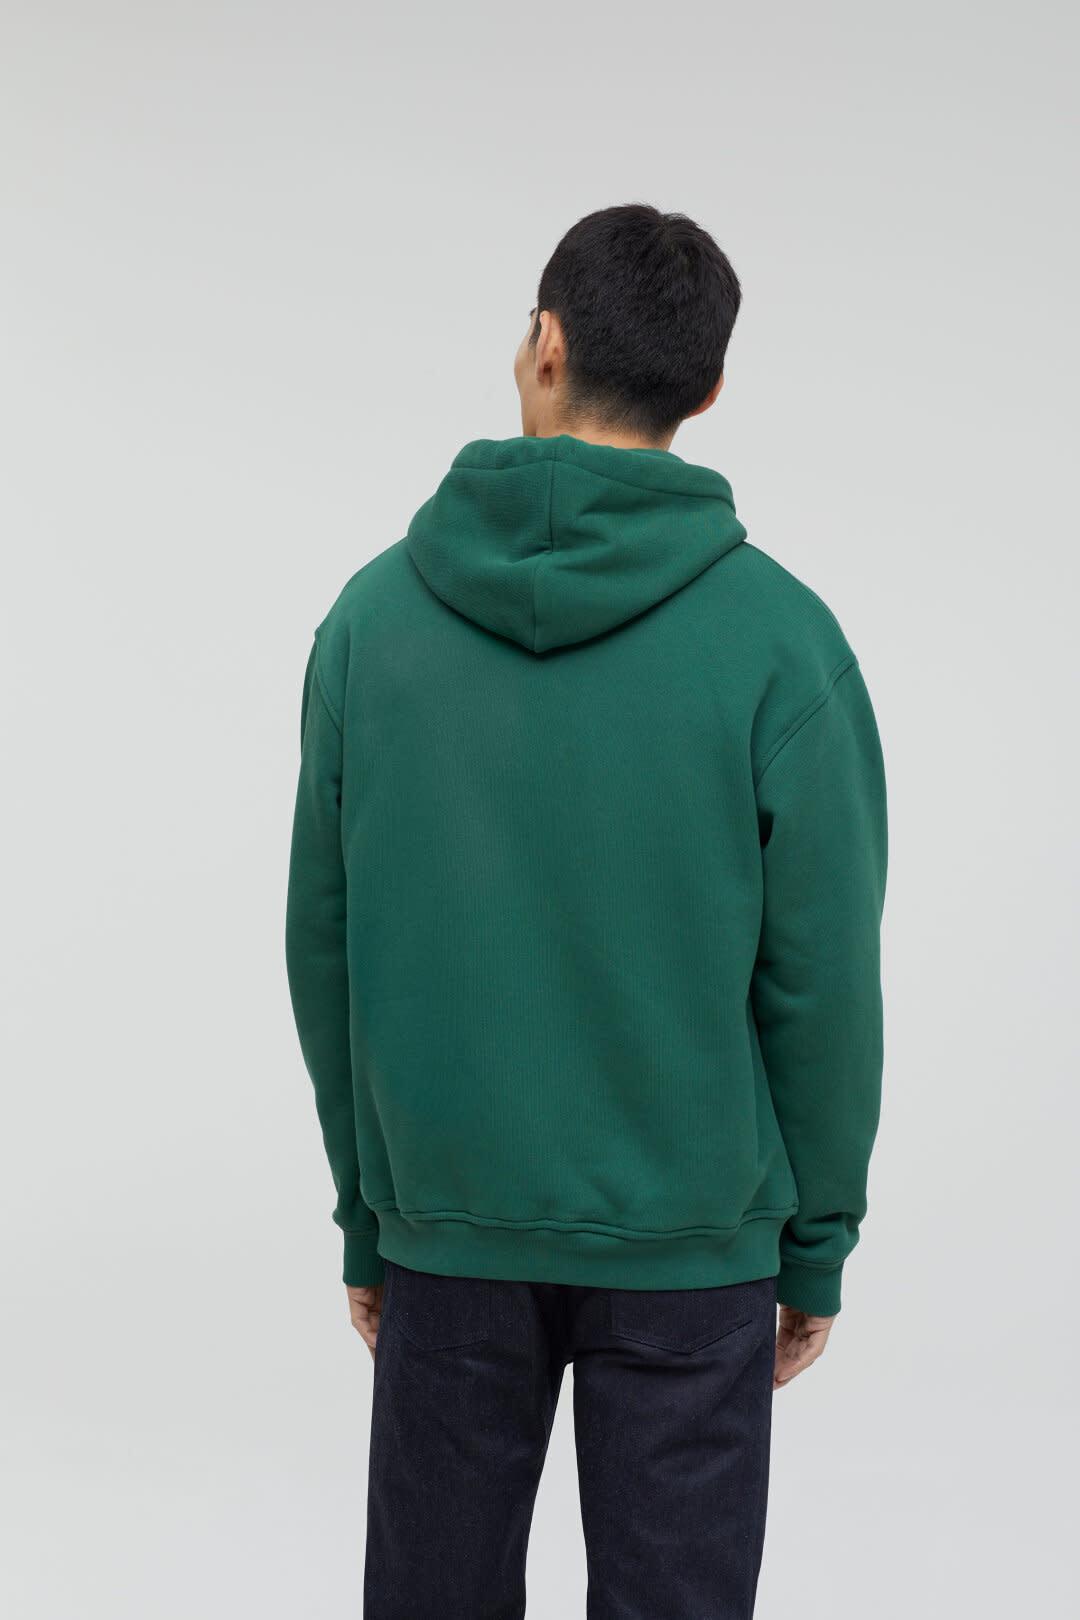 Hoodie fir green-2